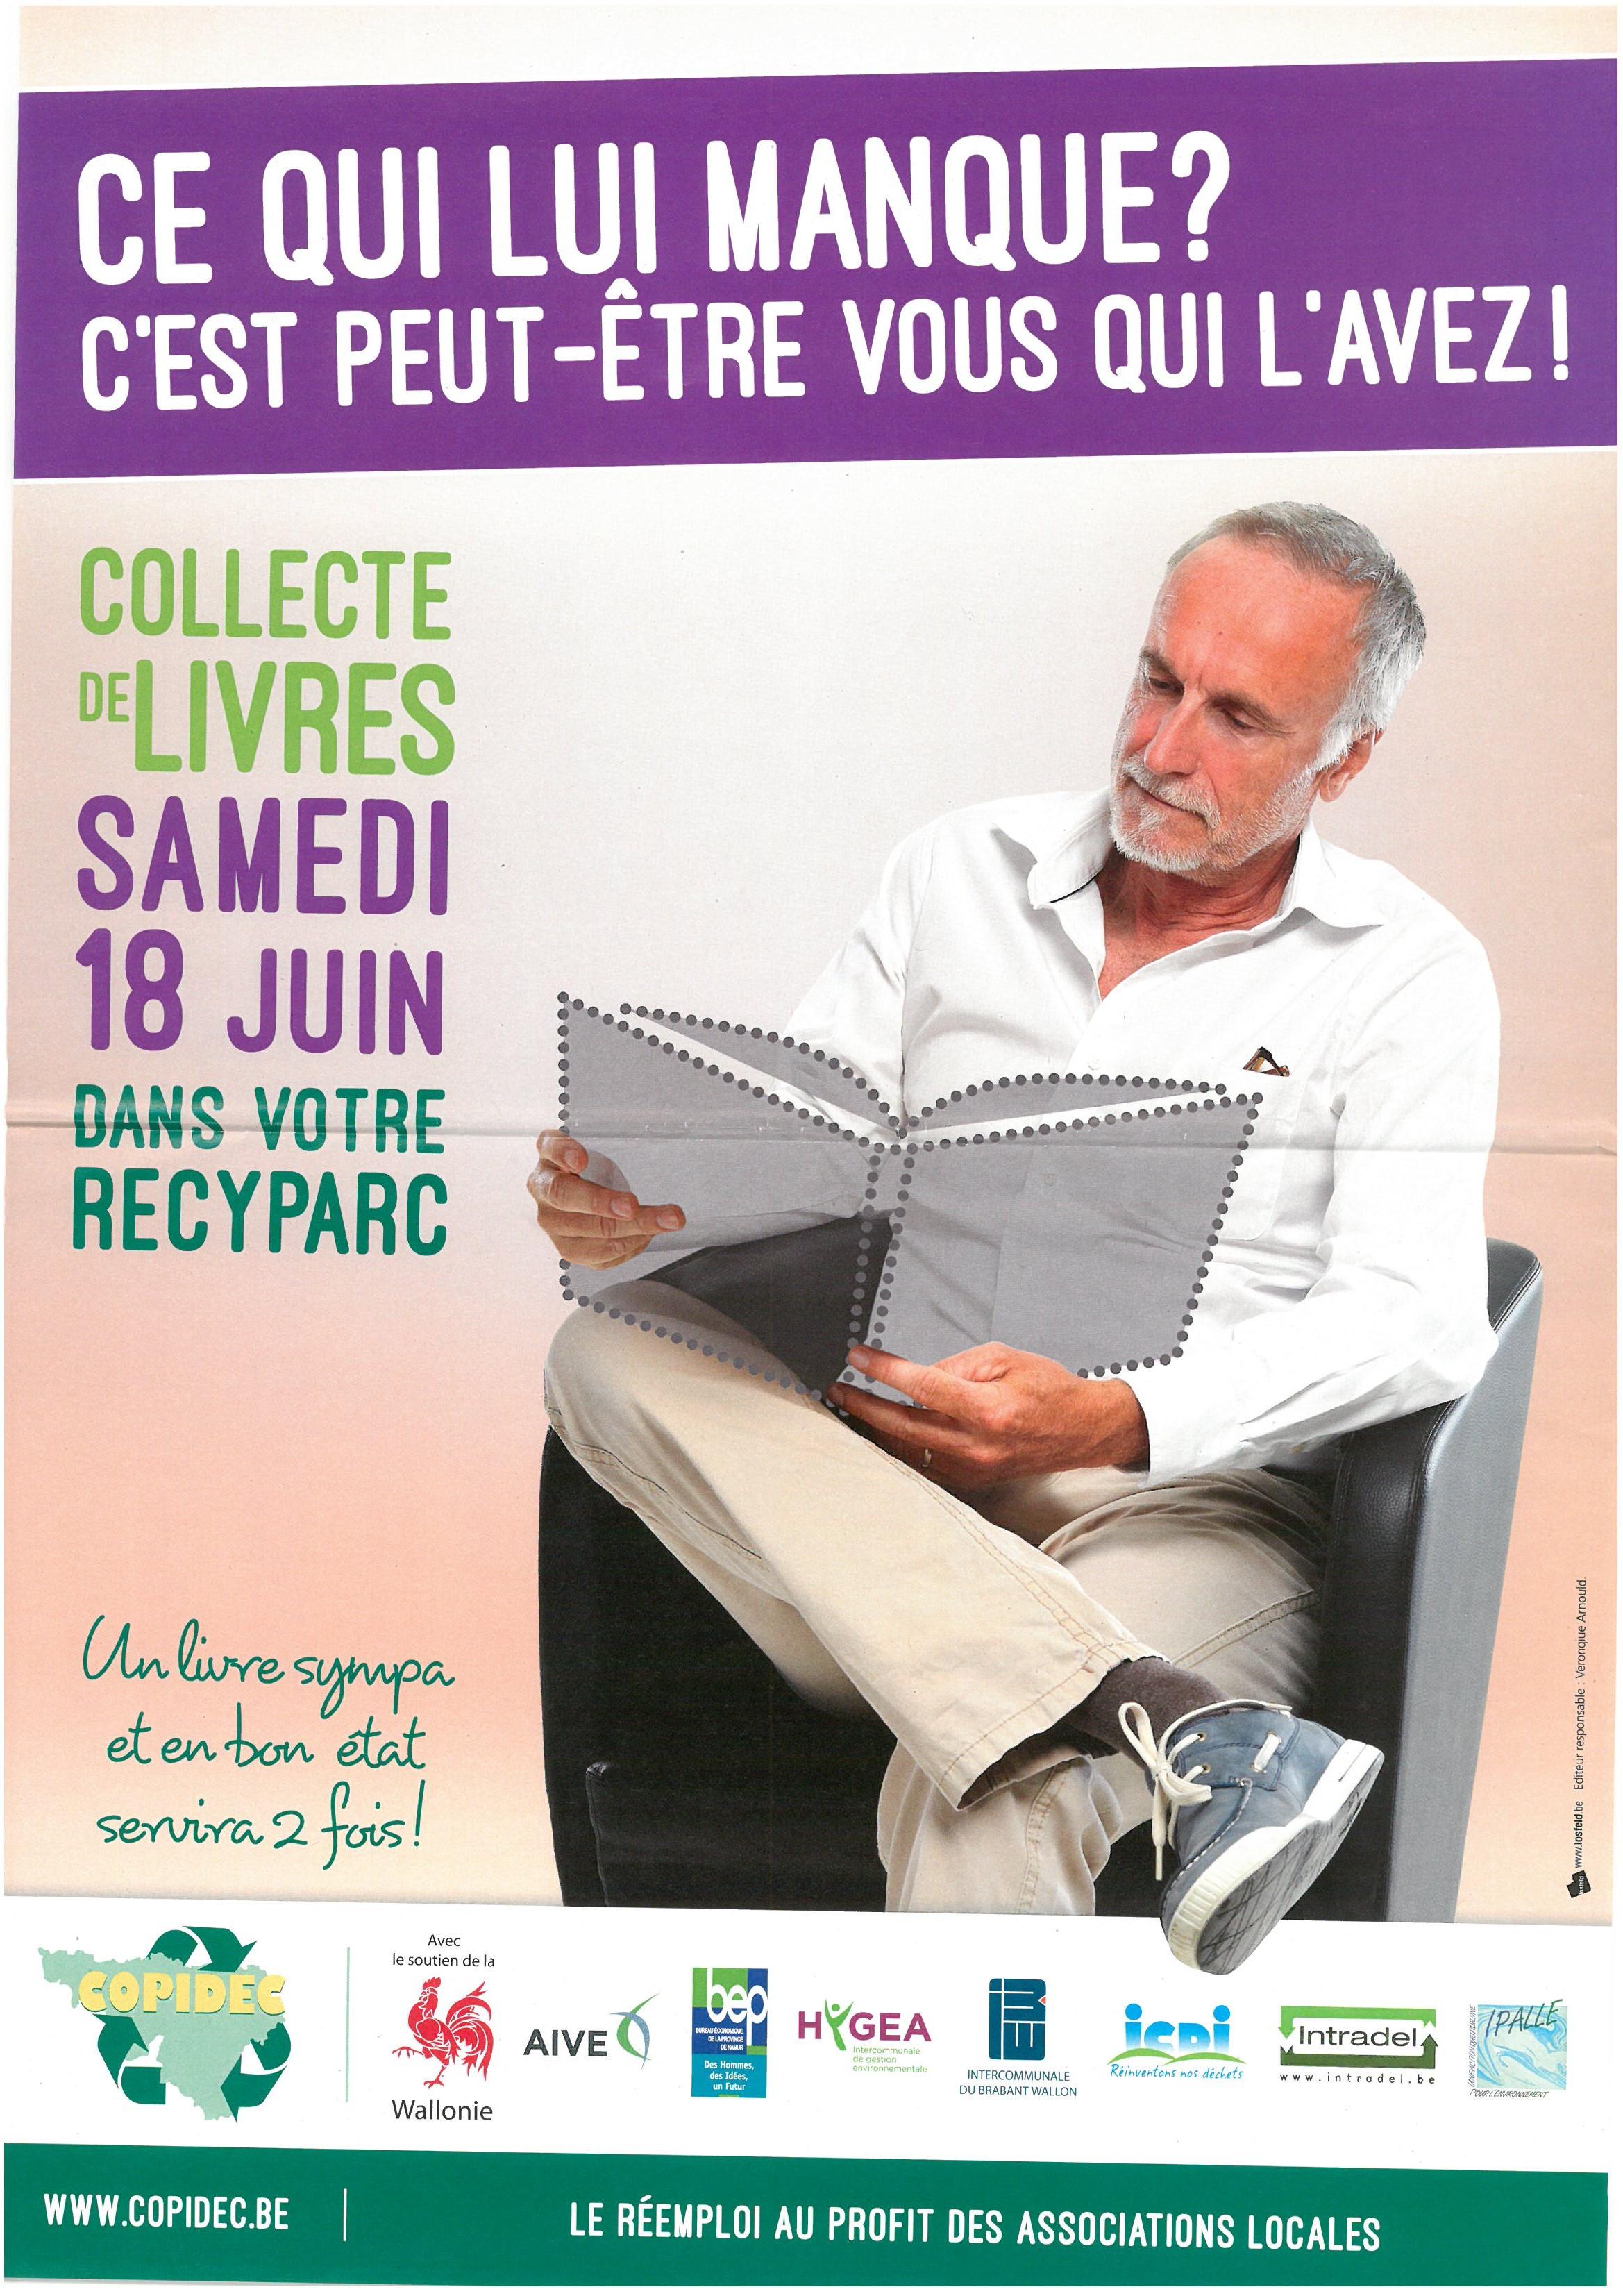 18 juin 2016 : collecte de livres en bon état dans les recyparcs